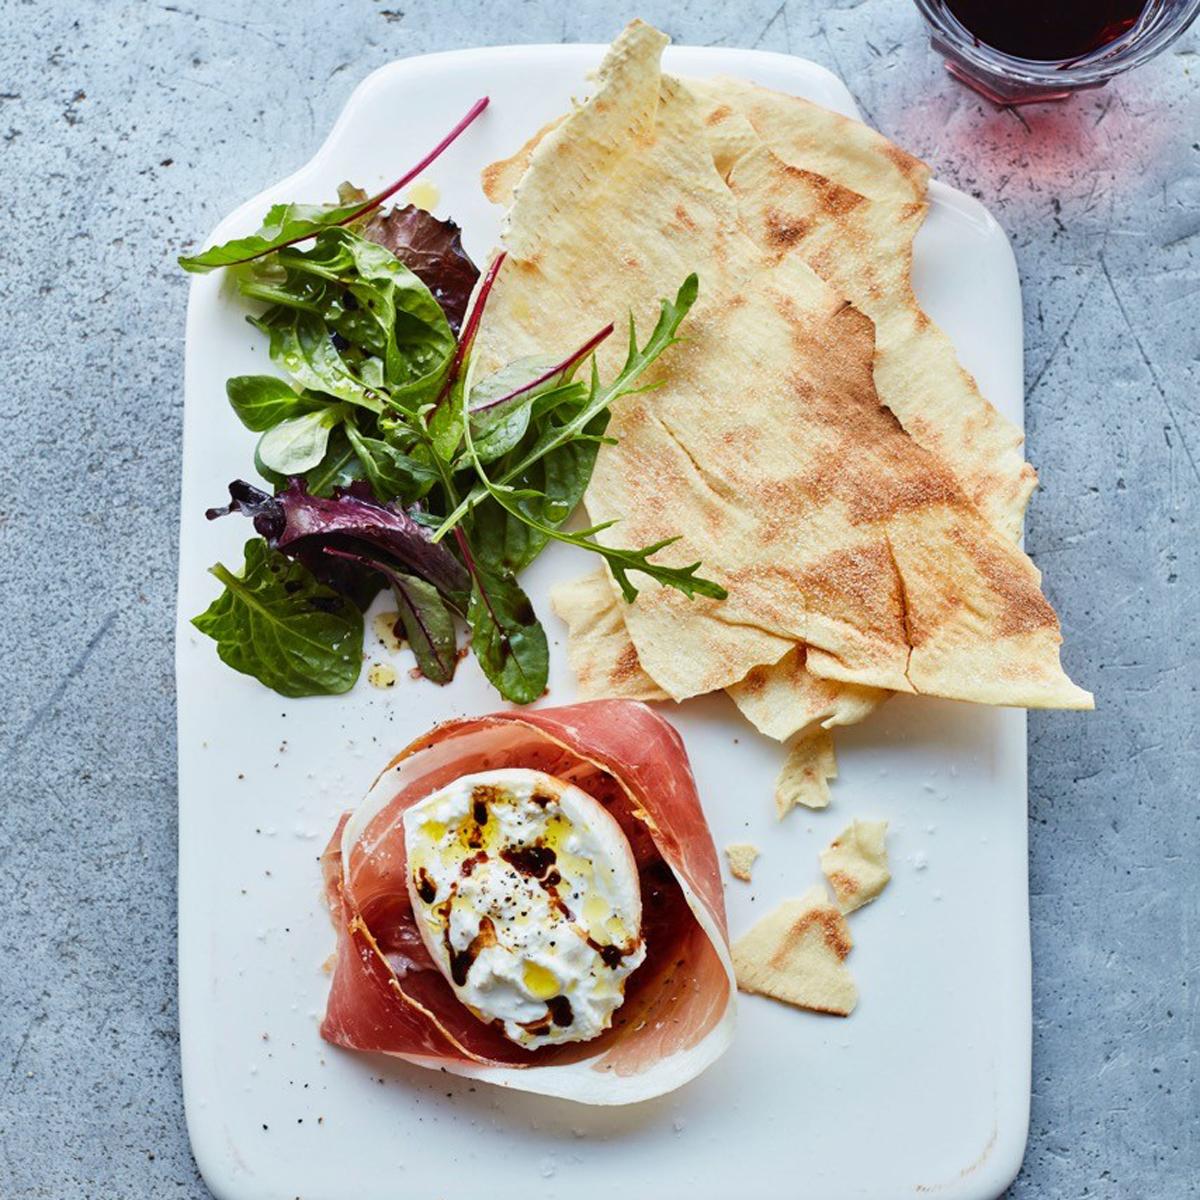 Burrata and Proscuitto